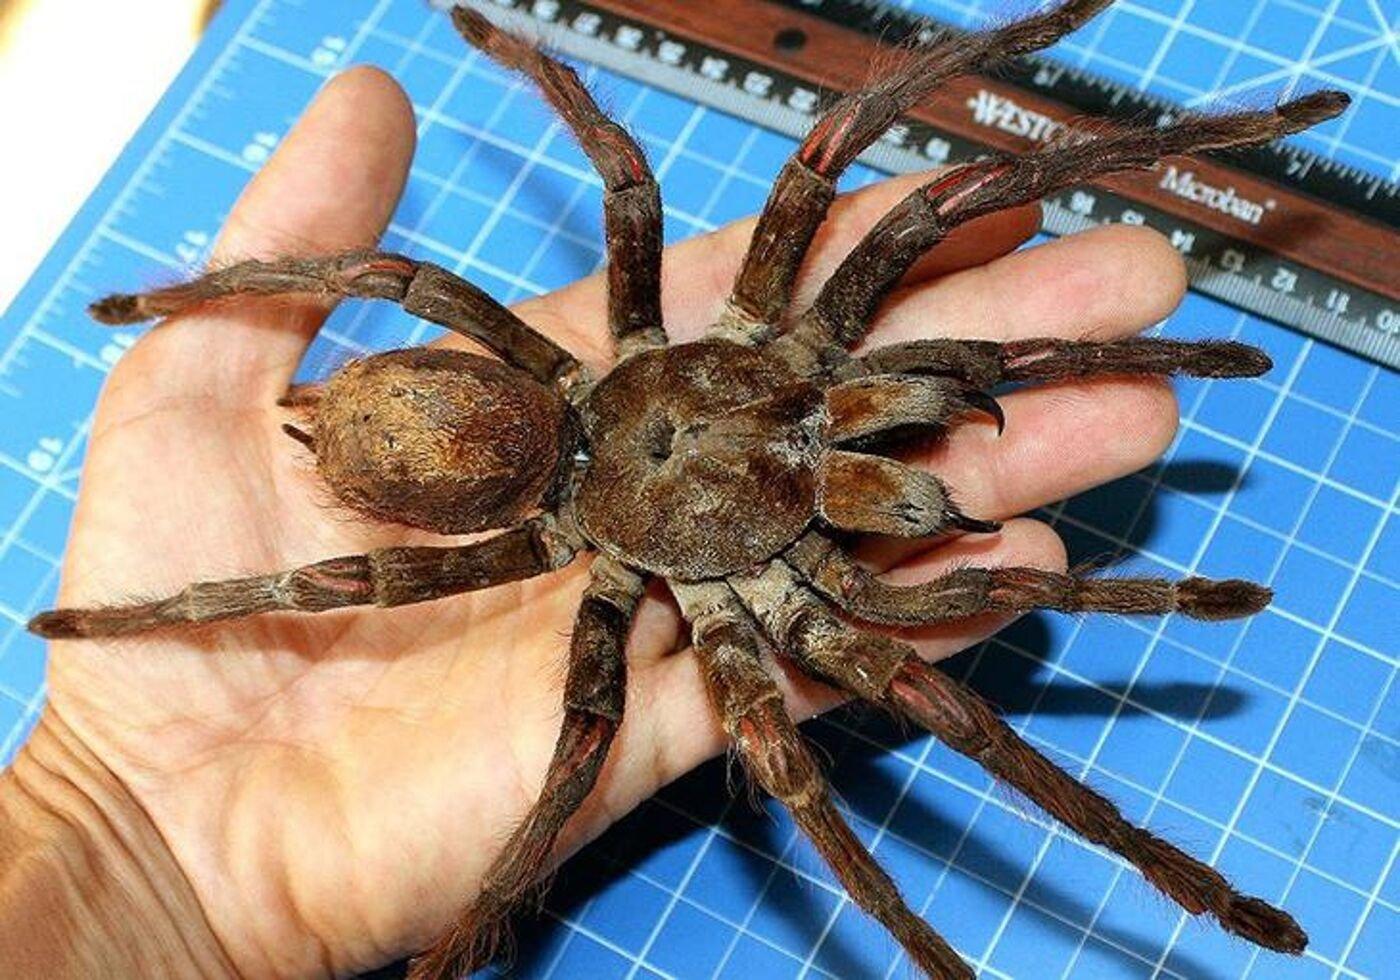 Массовое скопление тарантулов размером со смартфон наблюдают в США